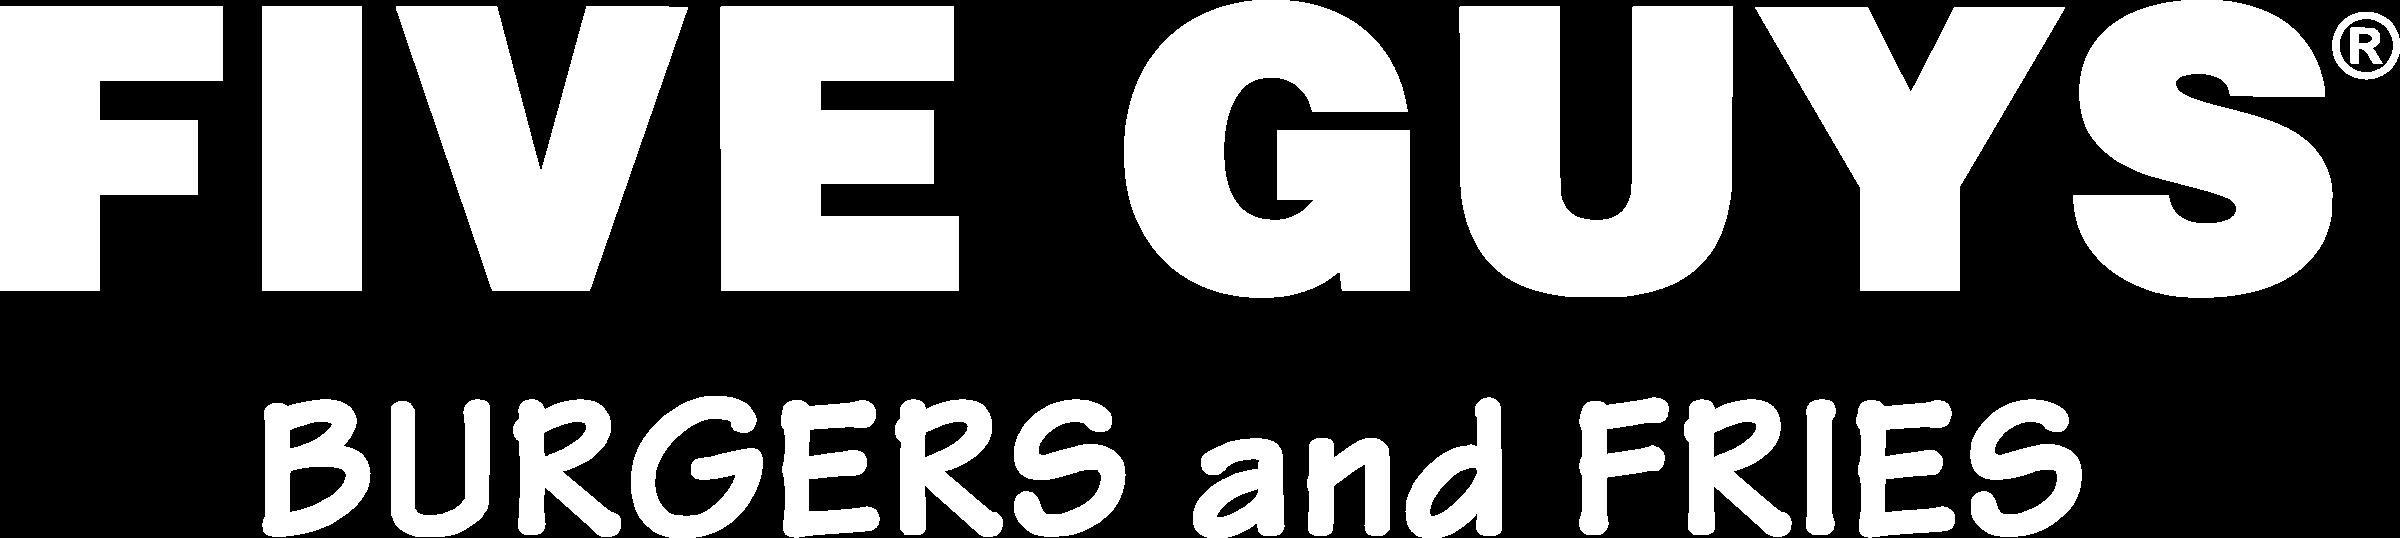 Five Guys Burgers Logo PNG Transparent & SVG Vector.